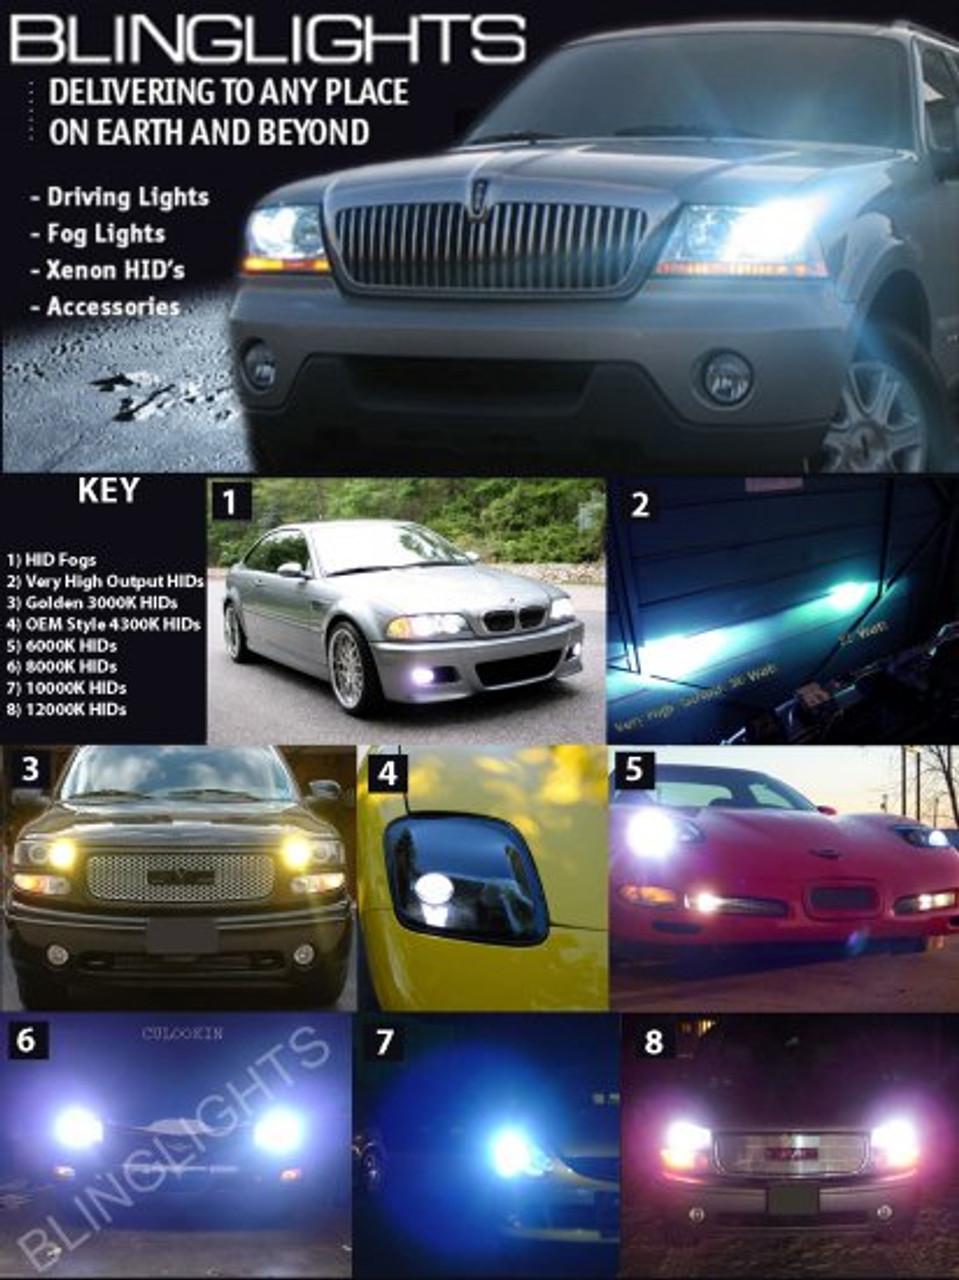 2001 2002 2003 2004 2005 2006 Honda Cbr600f4i Xenon Hid Kit